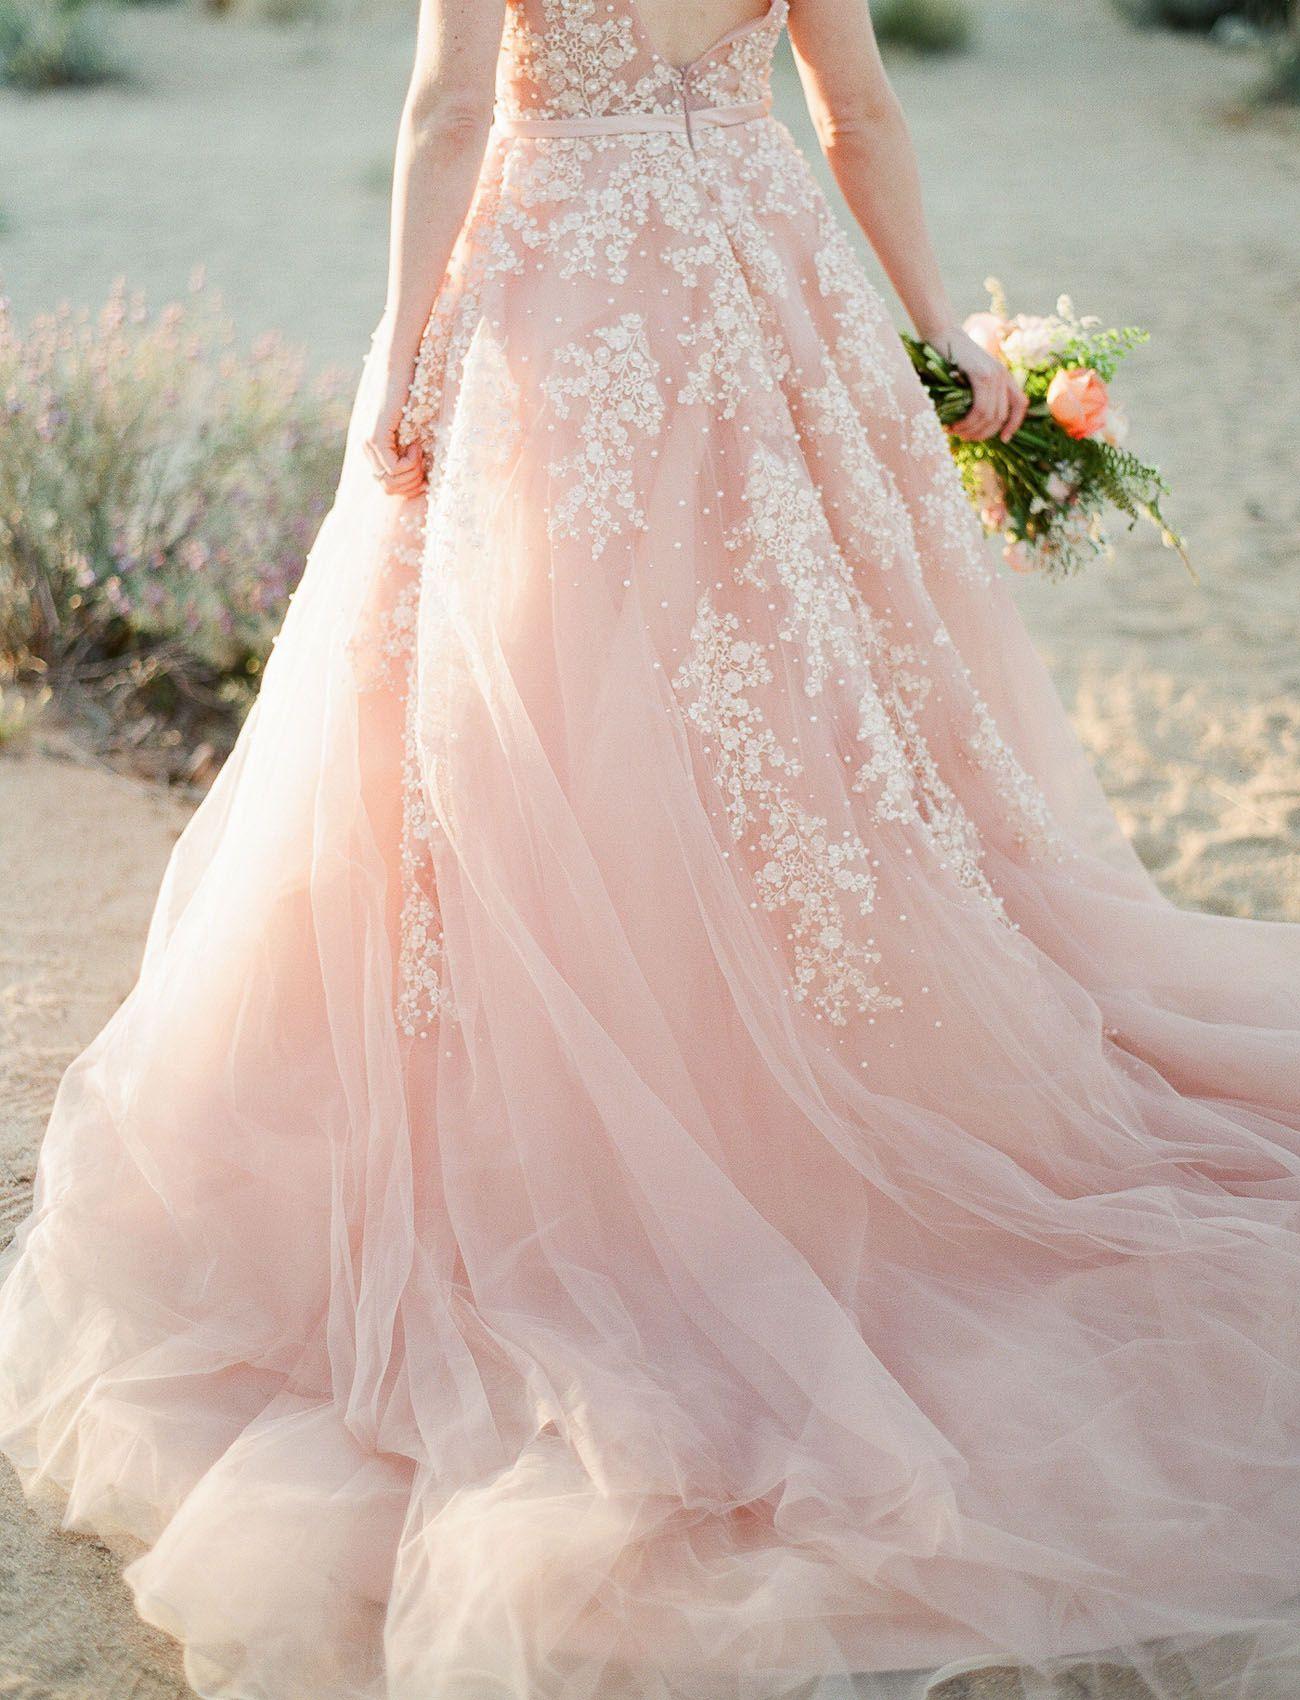 Hochzeitskleid Blush Rose  Kleid Hochzeit, Pinkfarbene - Abendkleid